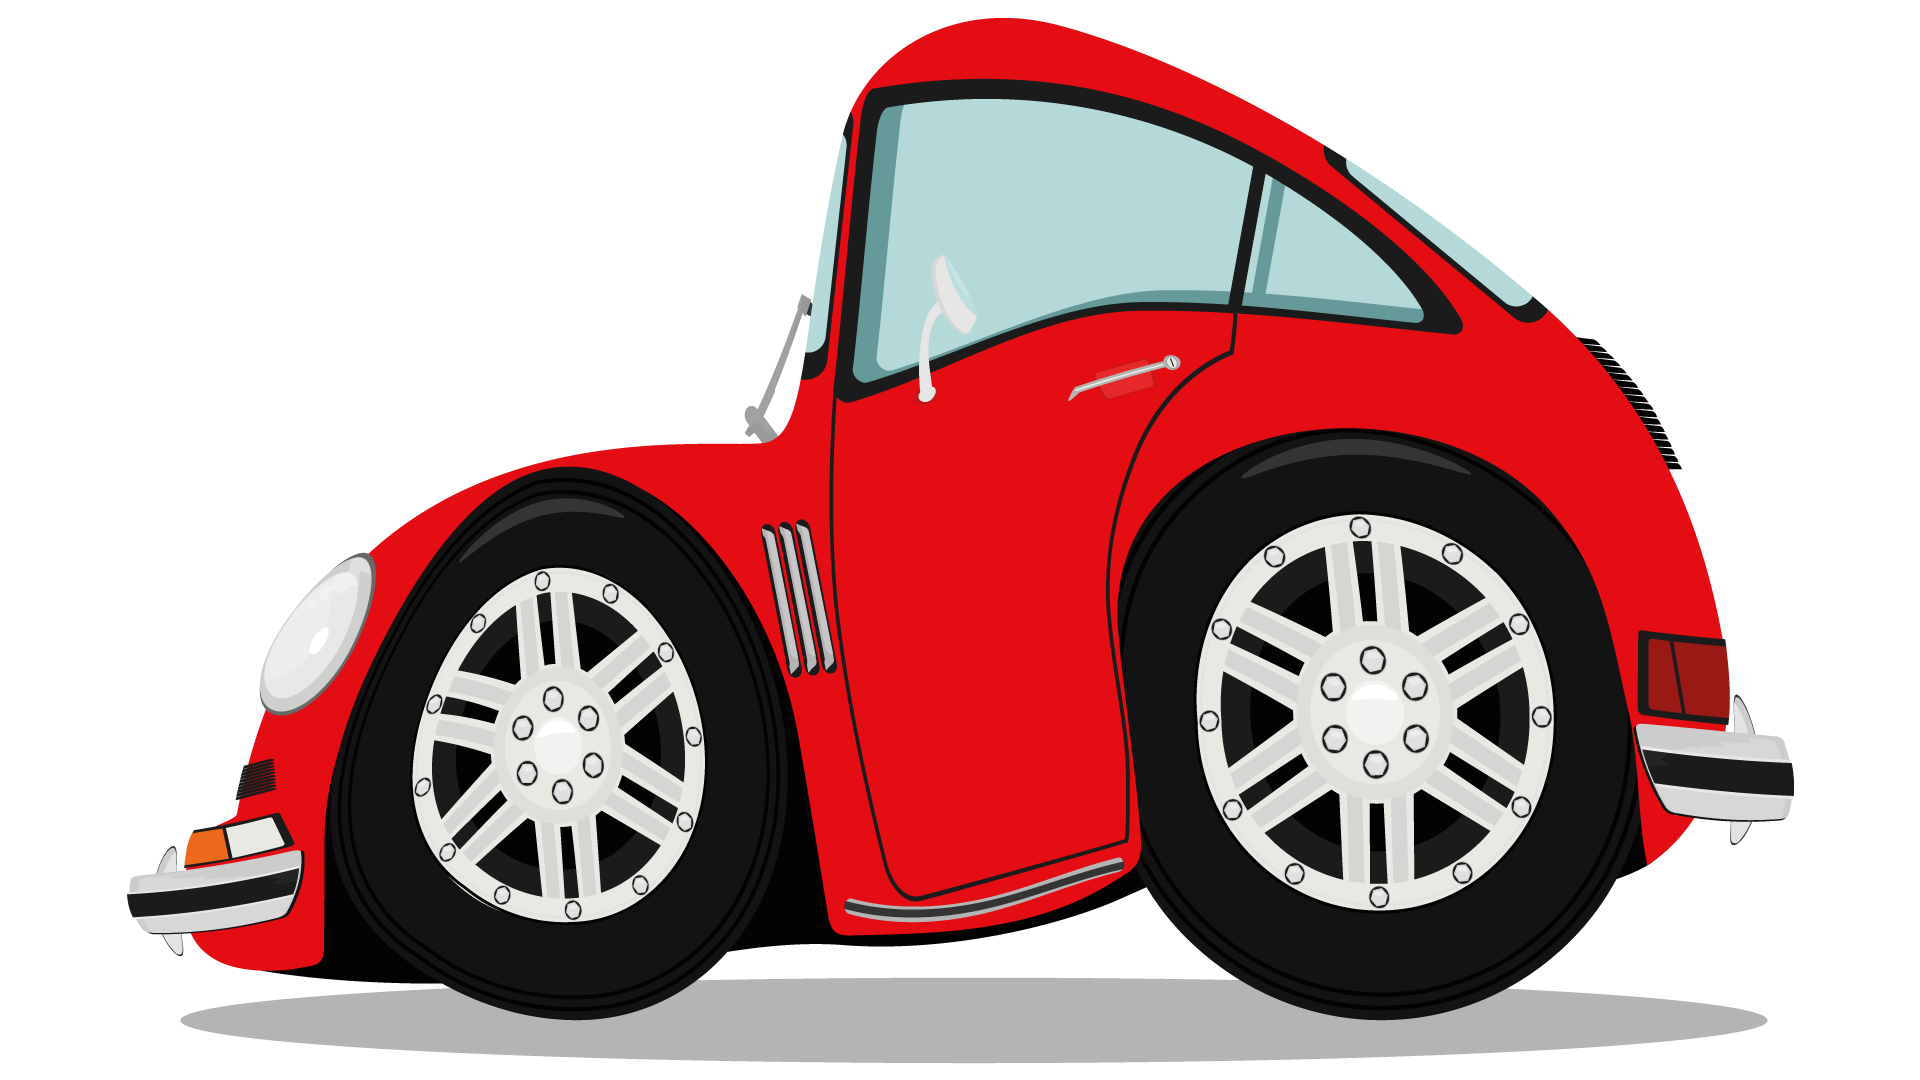 röd kompaktbil från shutterstock